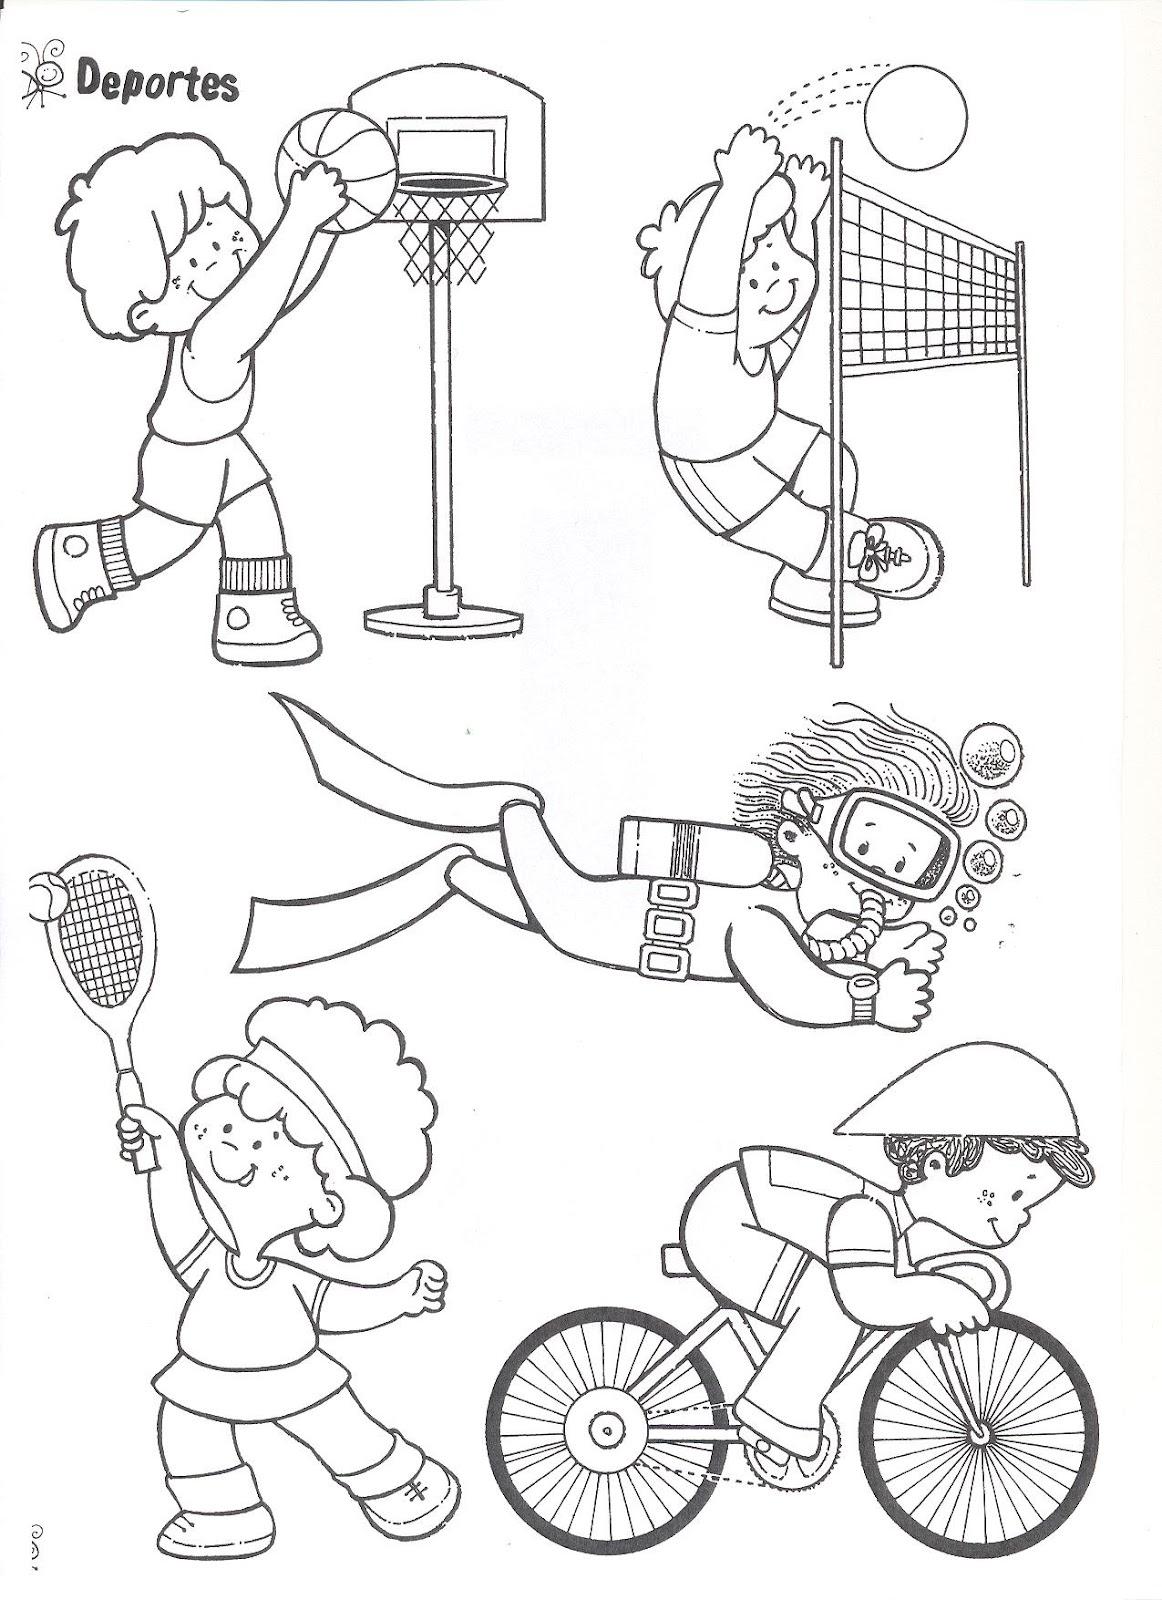 Moderno Colorear Equipos Deportivos Colección de Imágenes - Dibujos ...